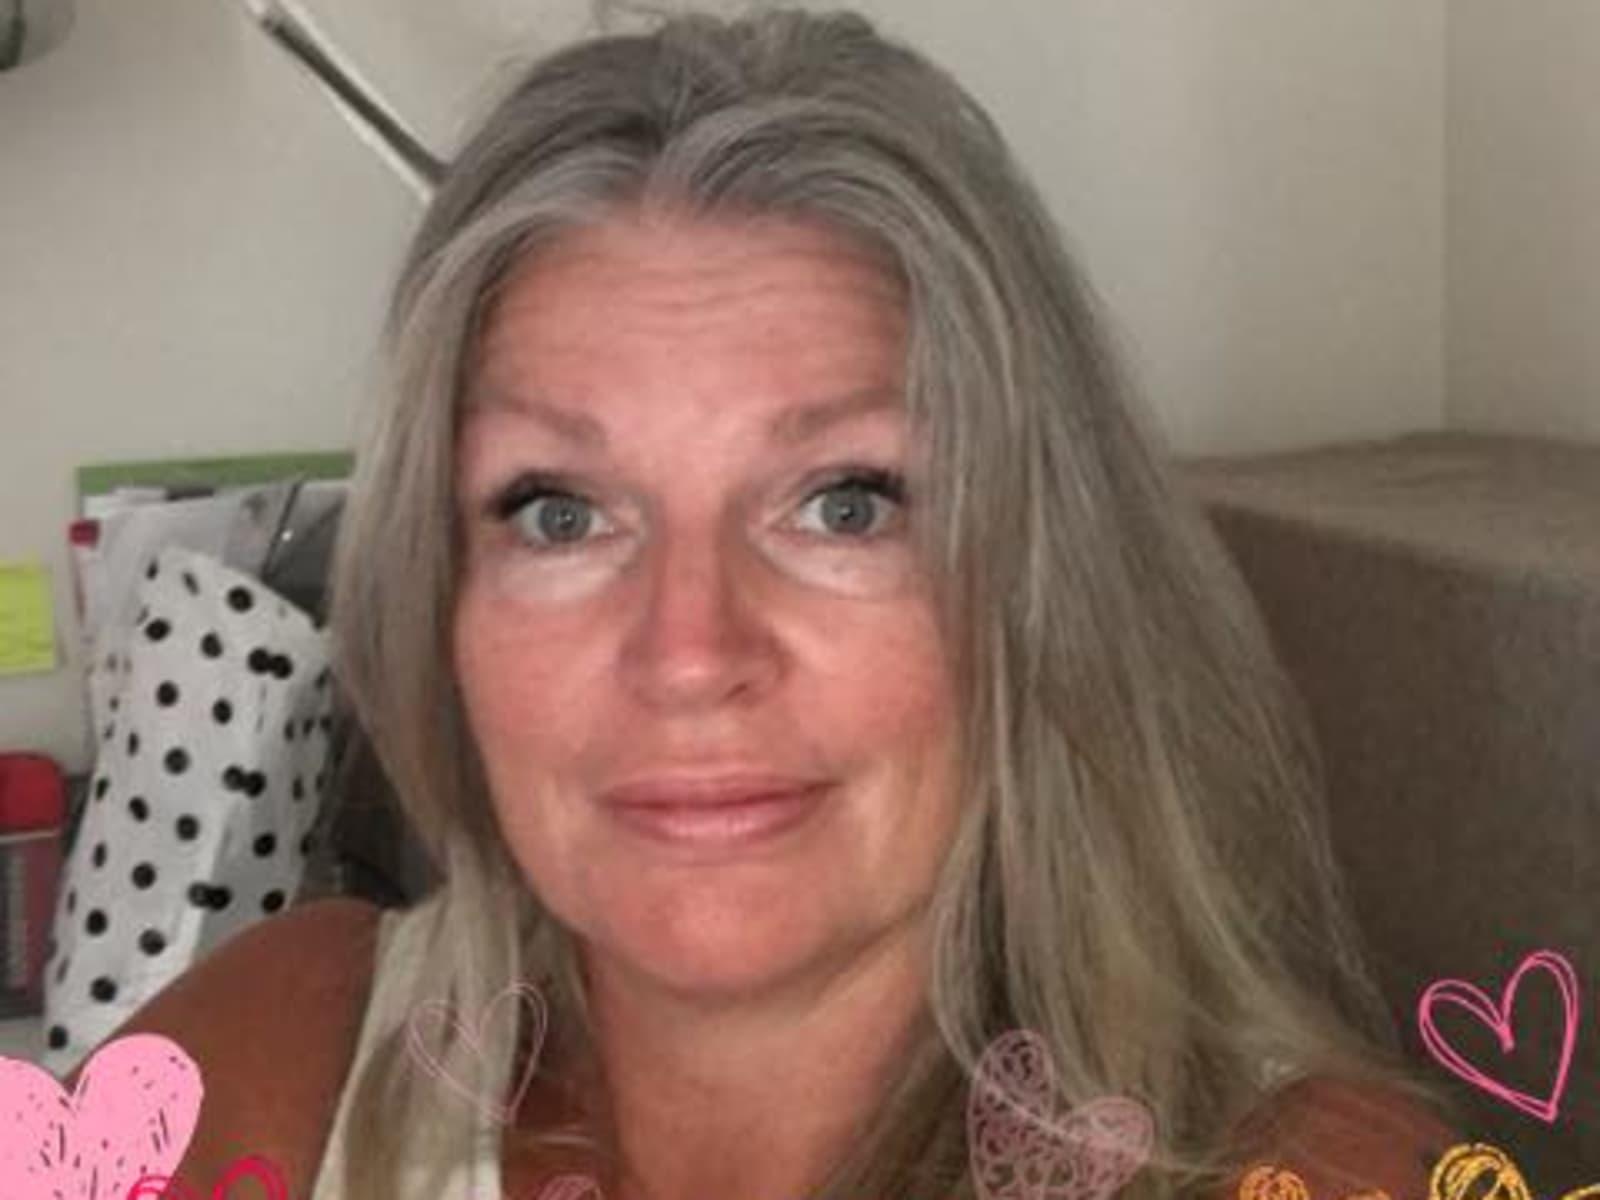 Linda from Eltham, Victoria, Australia